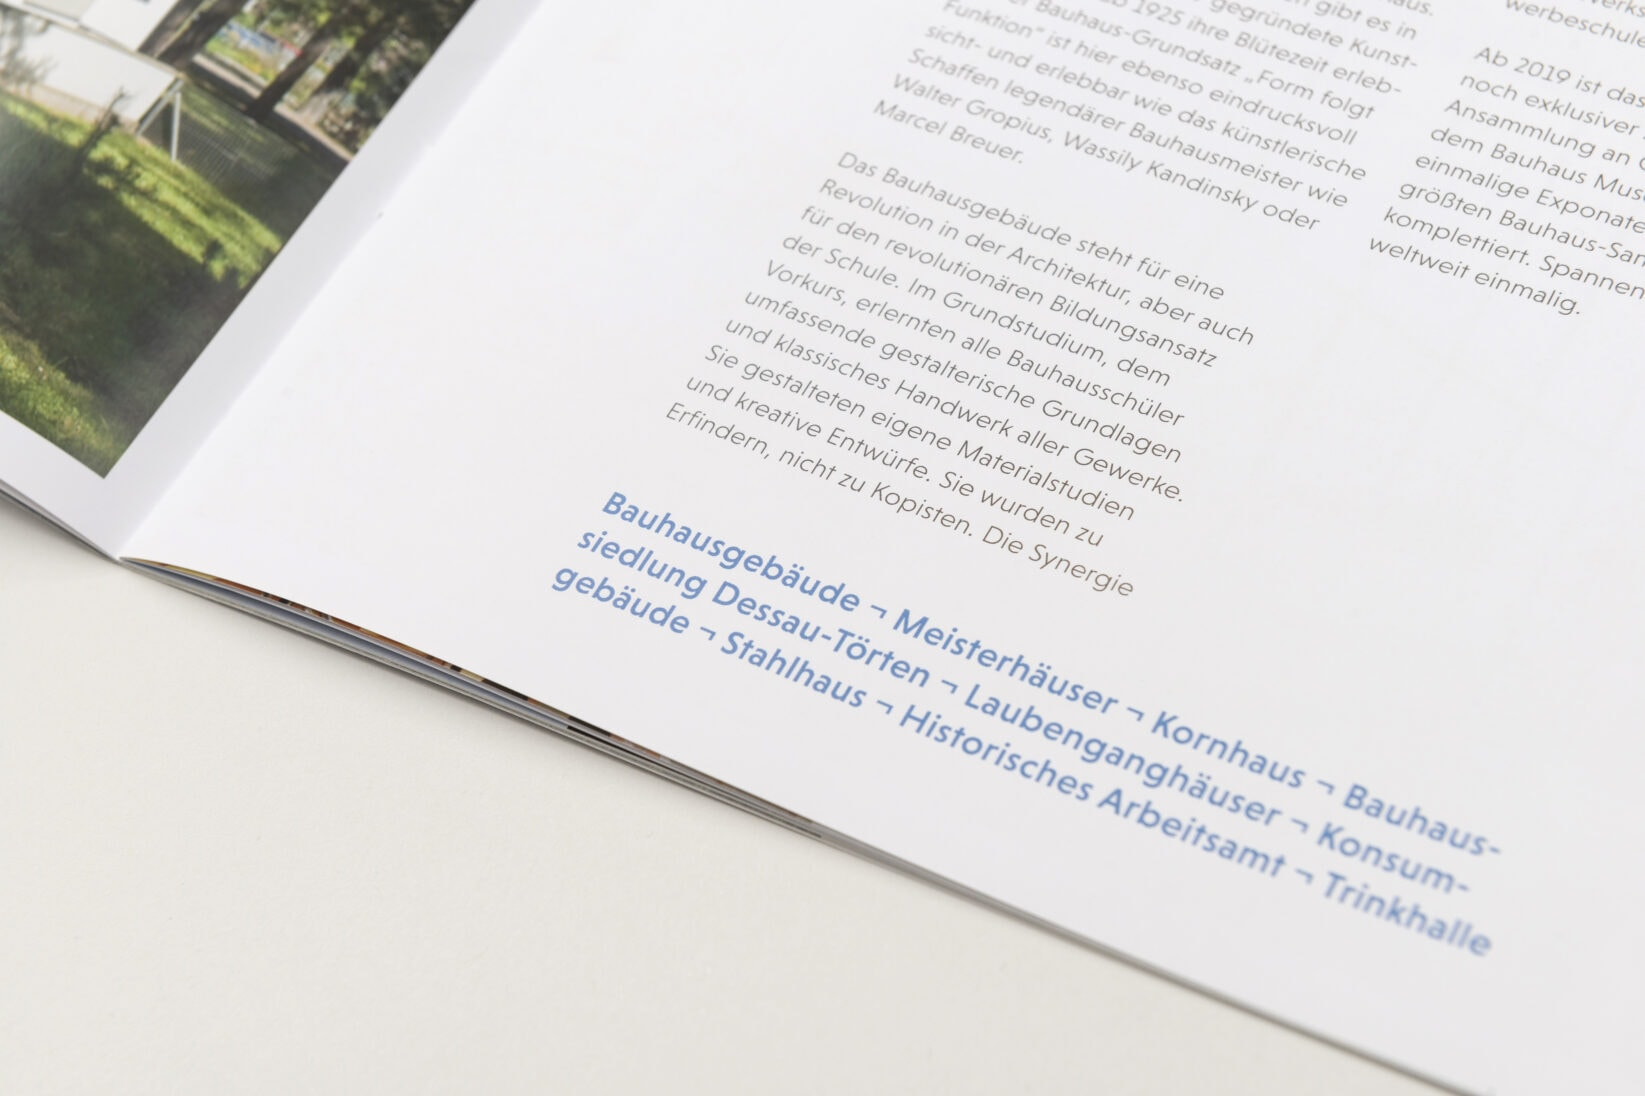 Dessau-Rosslau Coporate Design Fakten